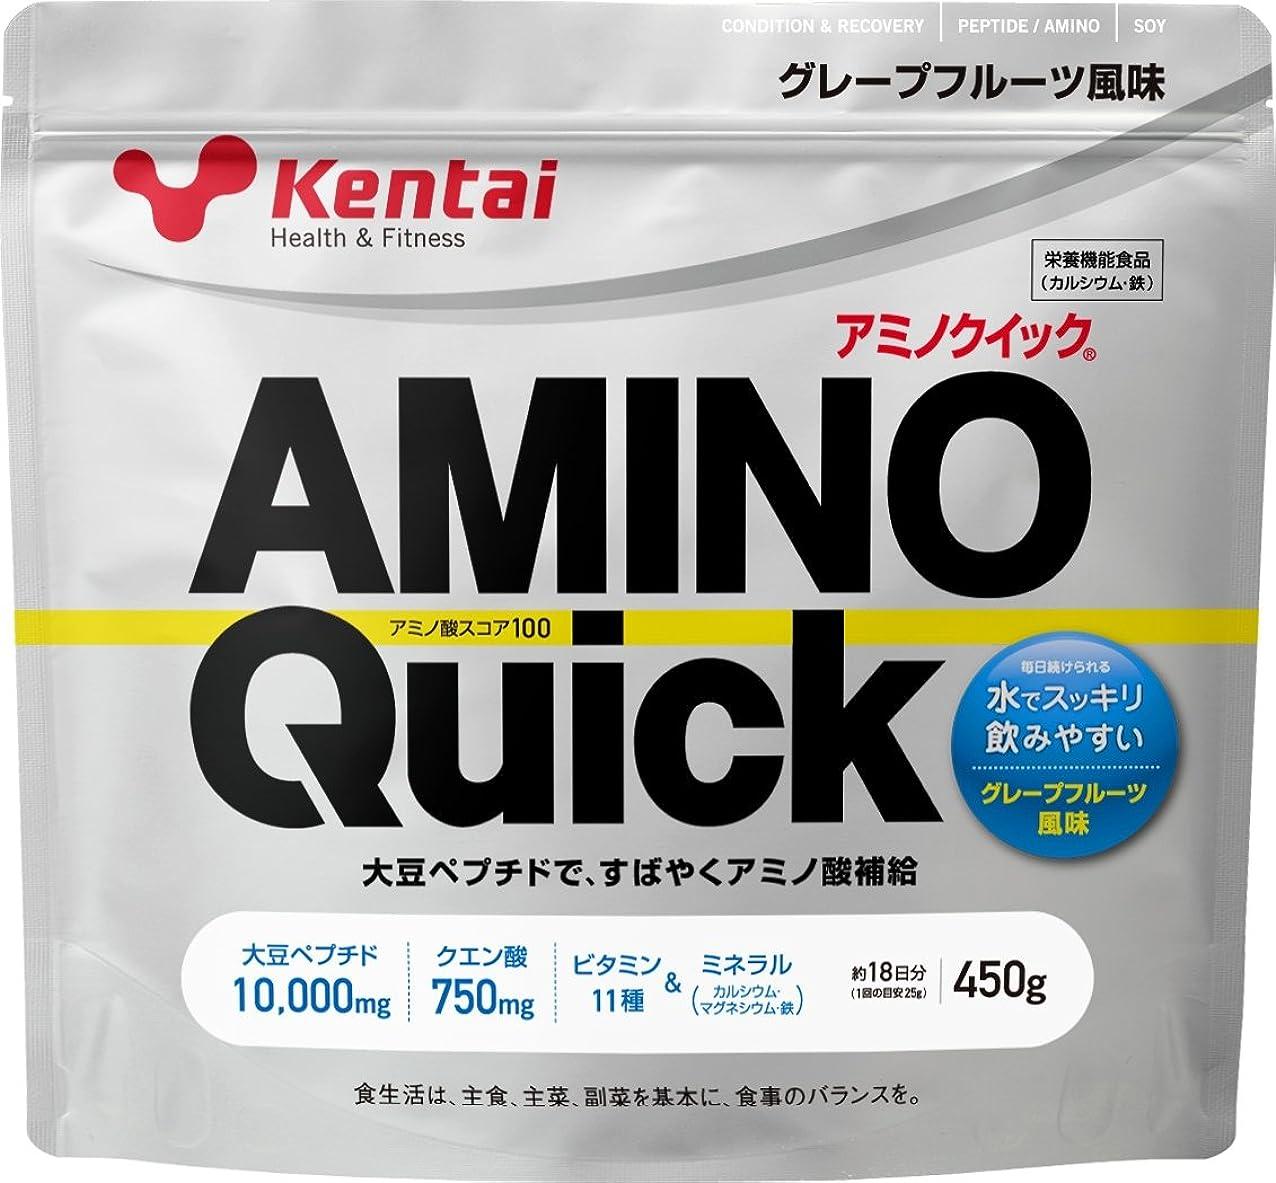 哀れな蒸留する輸血Kentai アミノクイック グレープフルーツ 450g